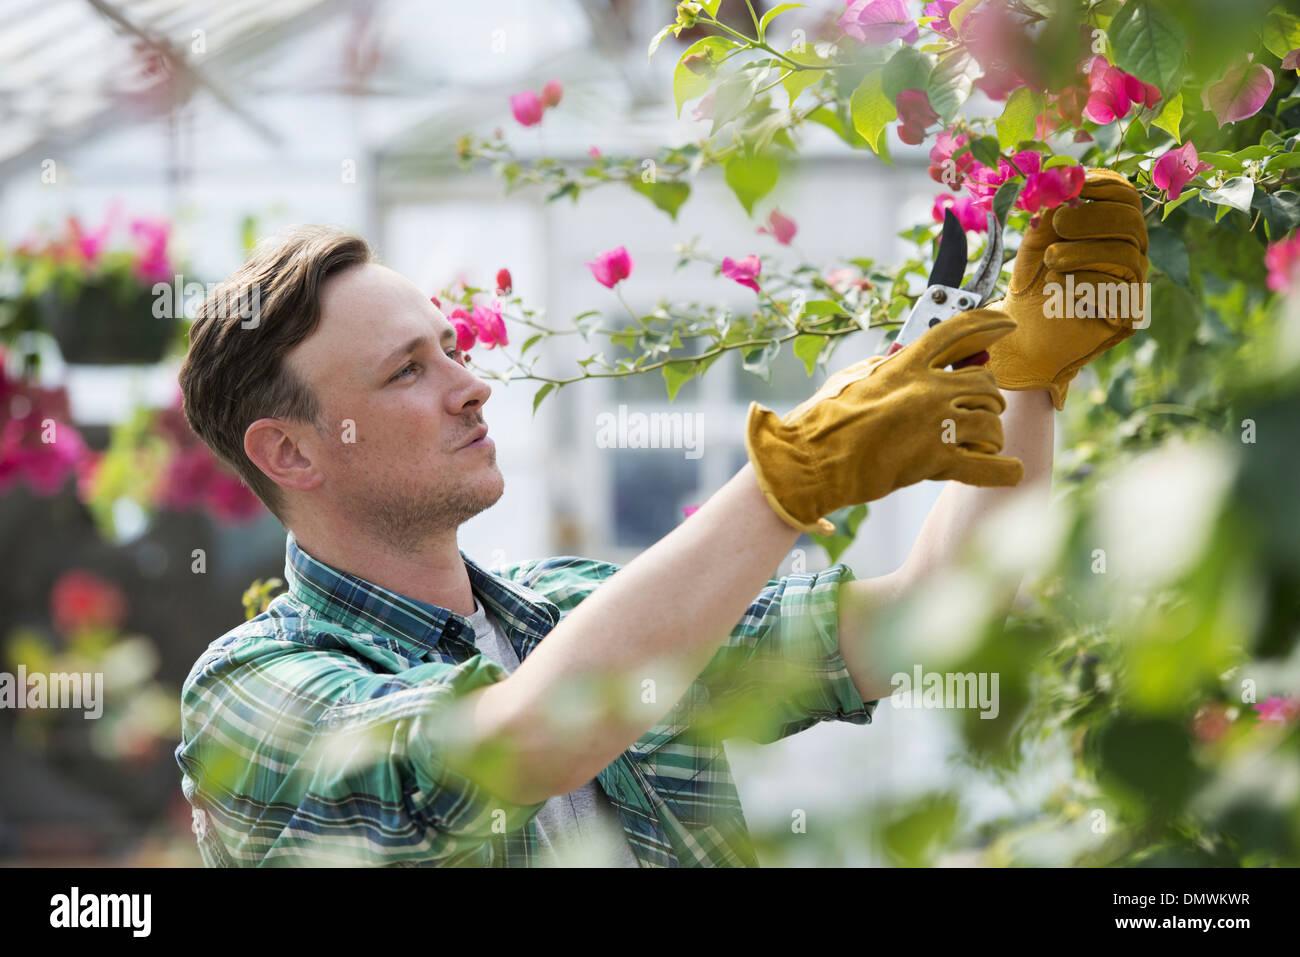 Ein Mann, der arbeitet in einem organischen Gärtnerei Gewächshaus. Stockfoto